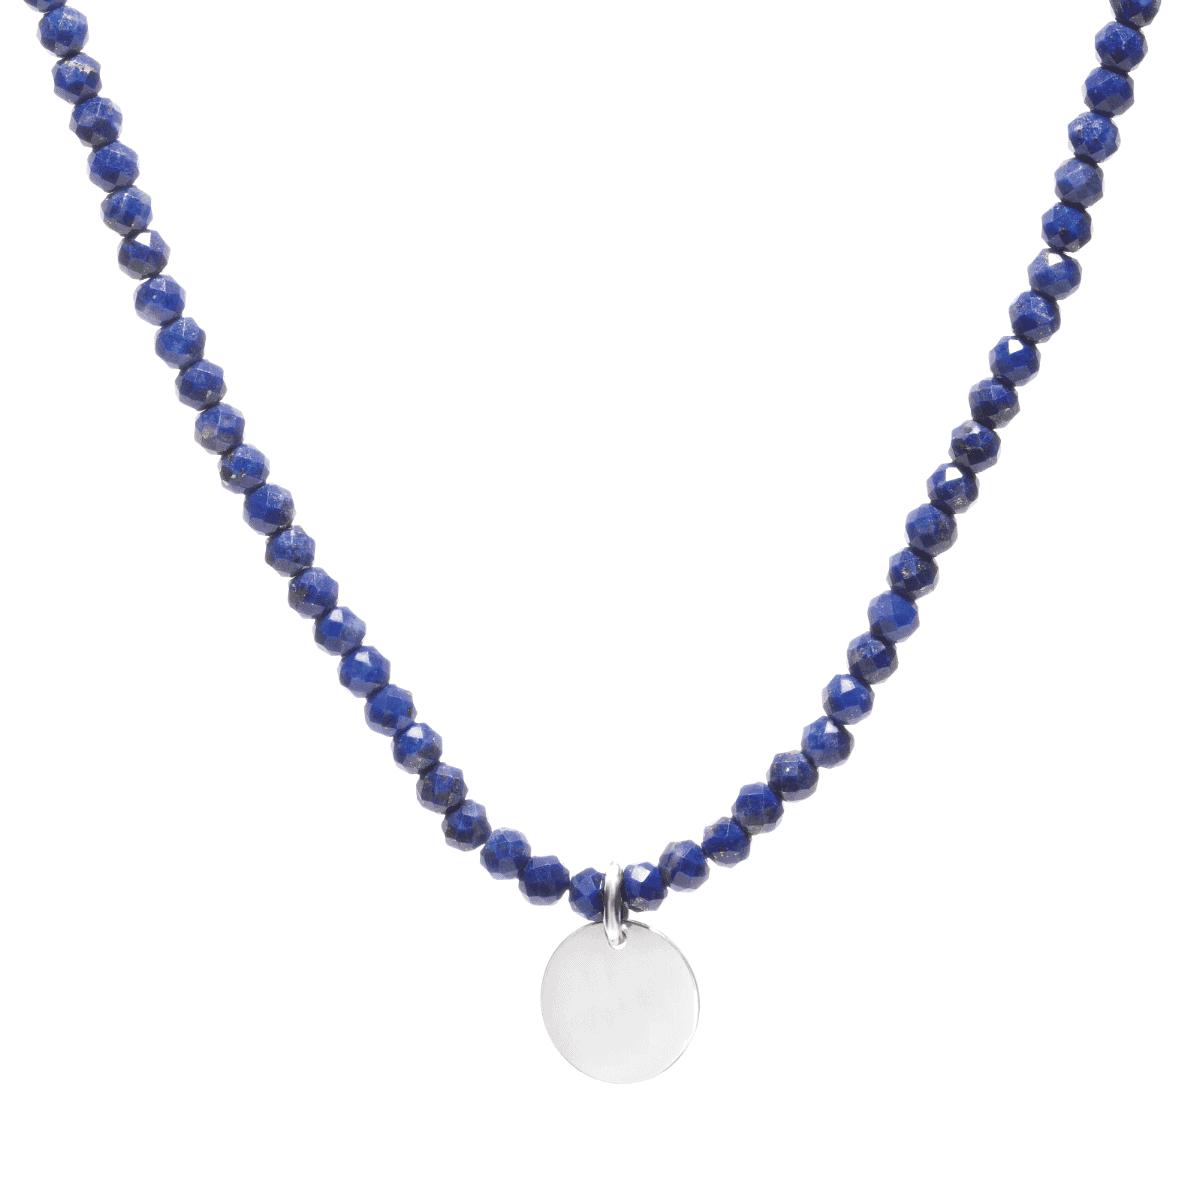 Naszyjnik z lapis lazuli z zawieszką na jasnym tle